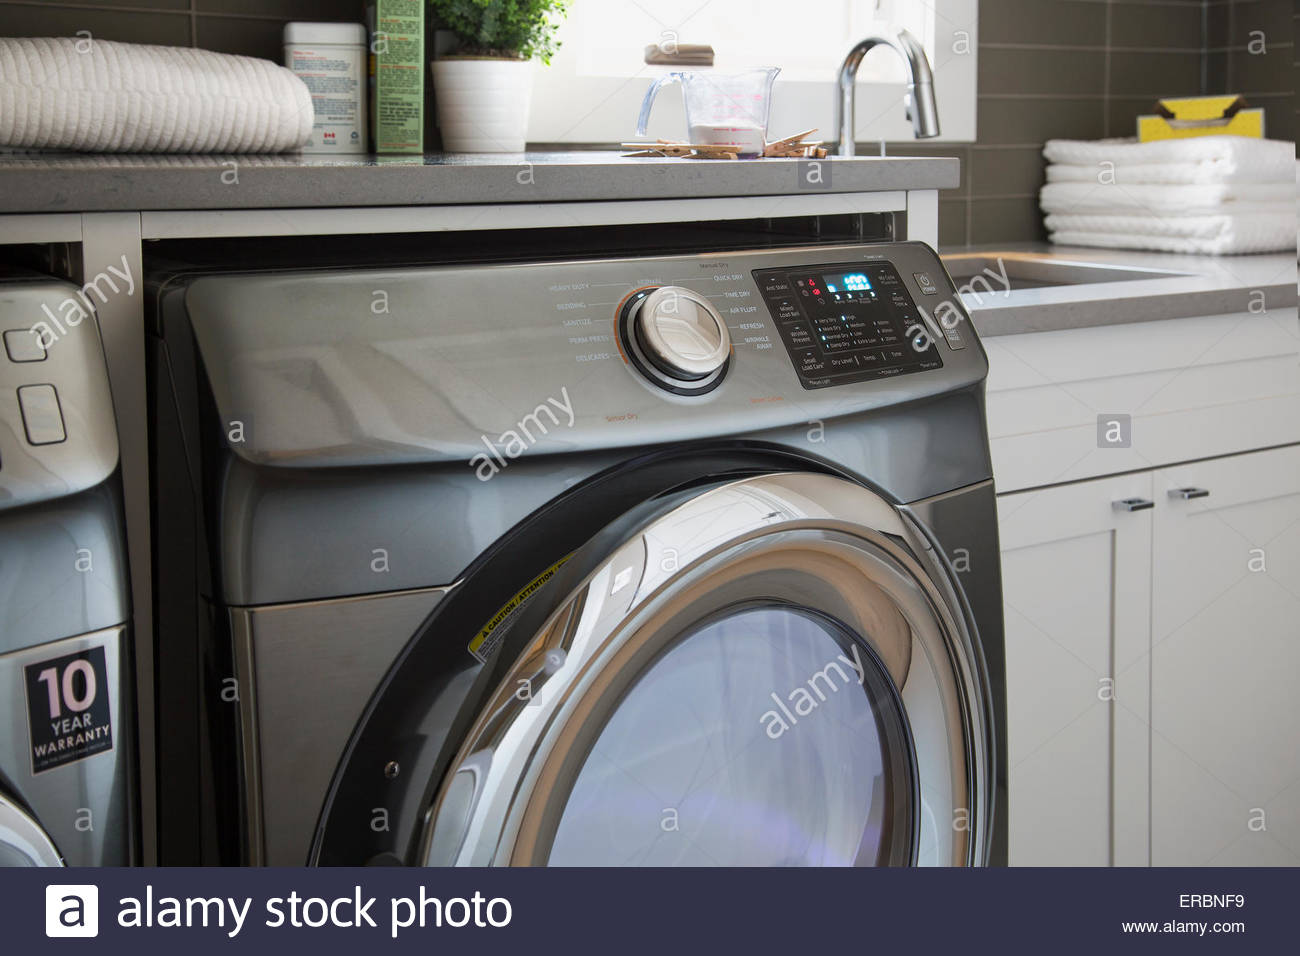 Energía Eficiente lavadora en lavadero Imagen De Stock